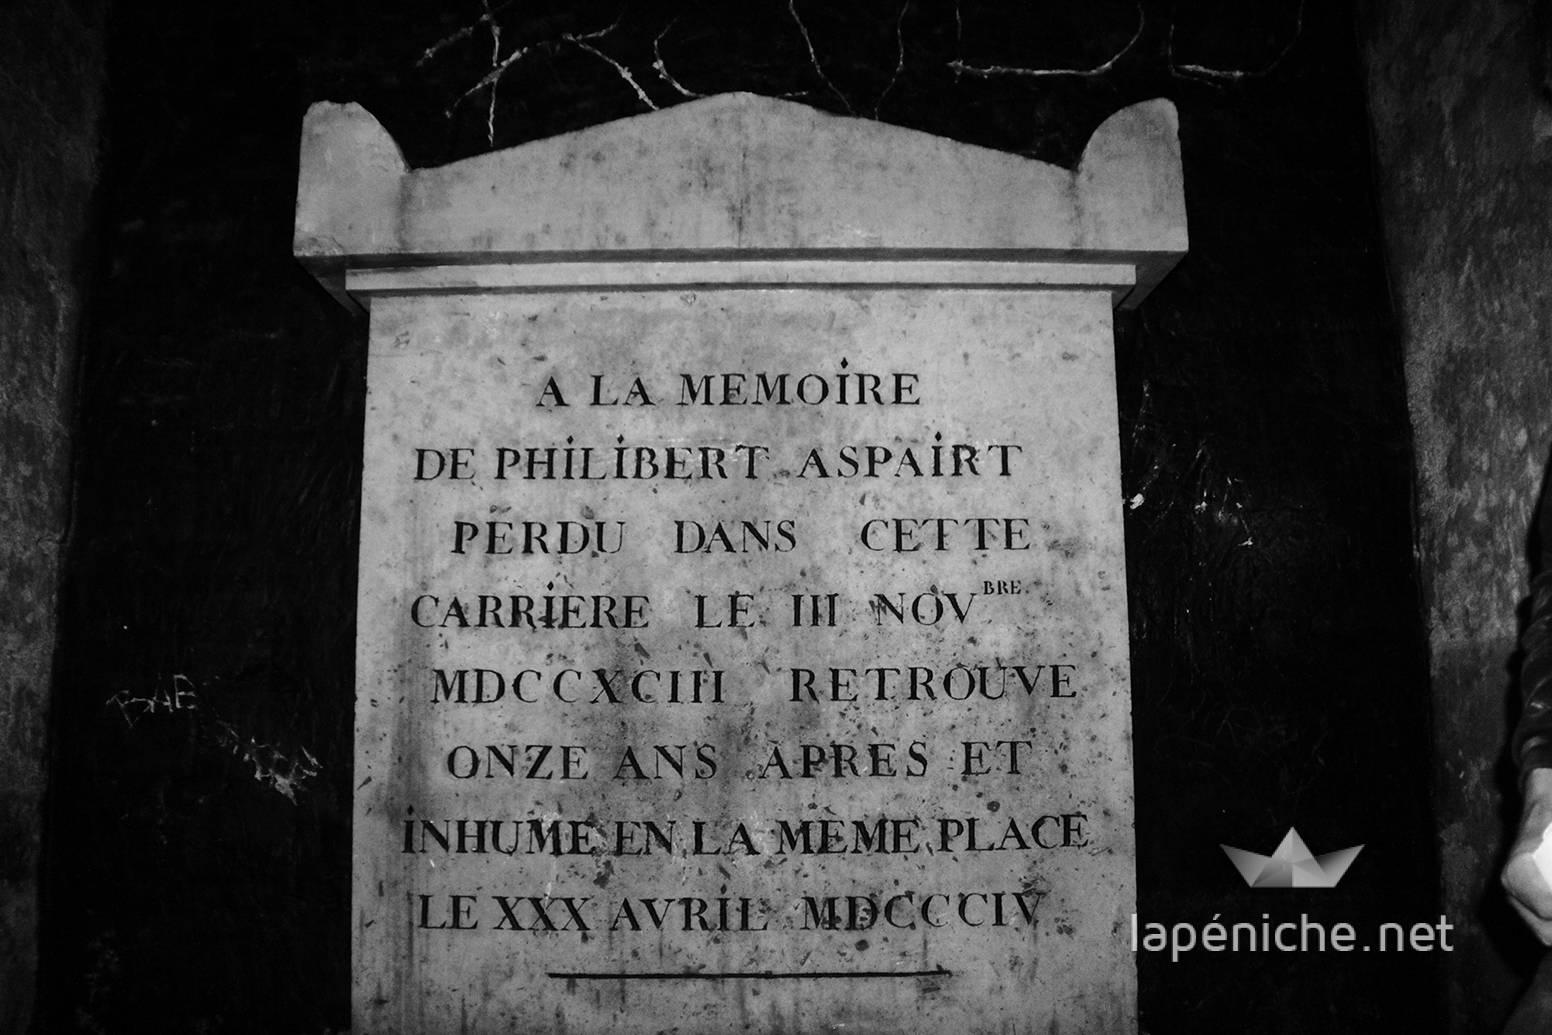 La tombe de Philibert Aspairt, le premier des cataphiles